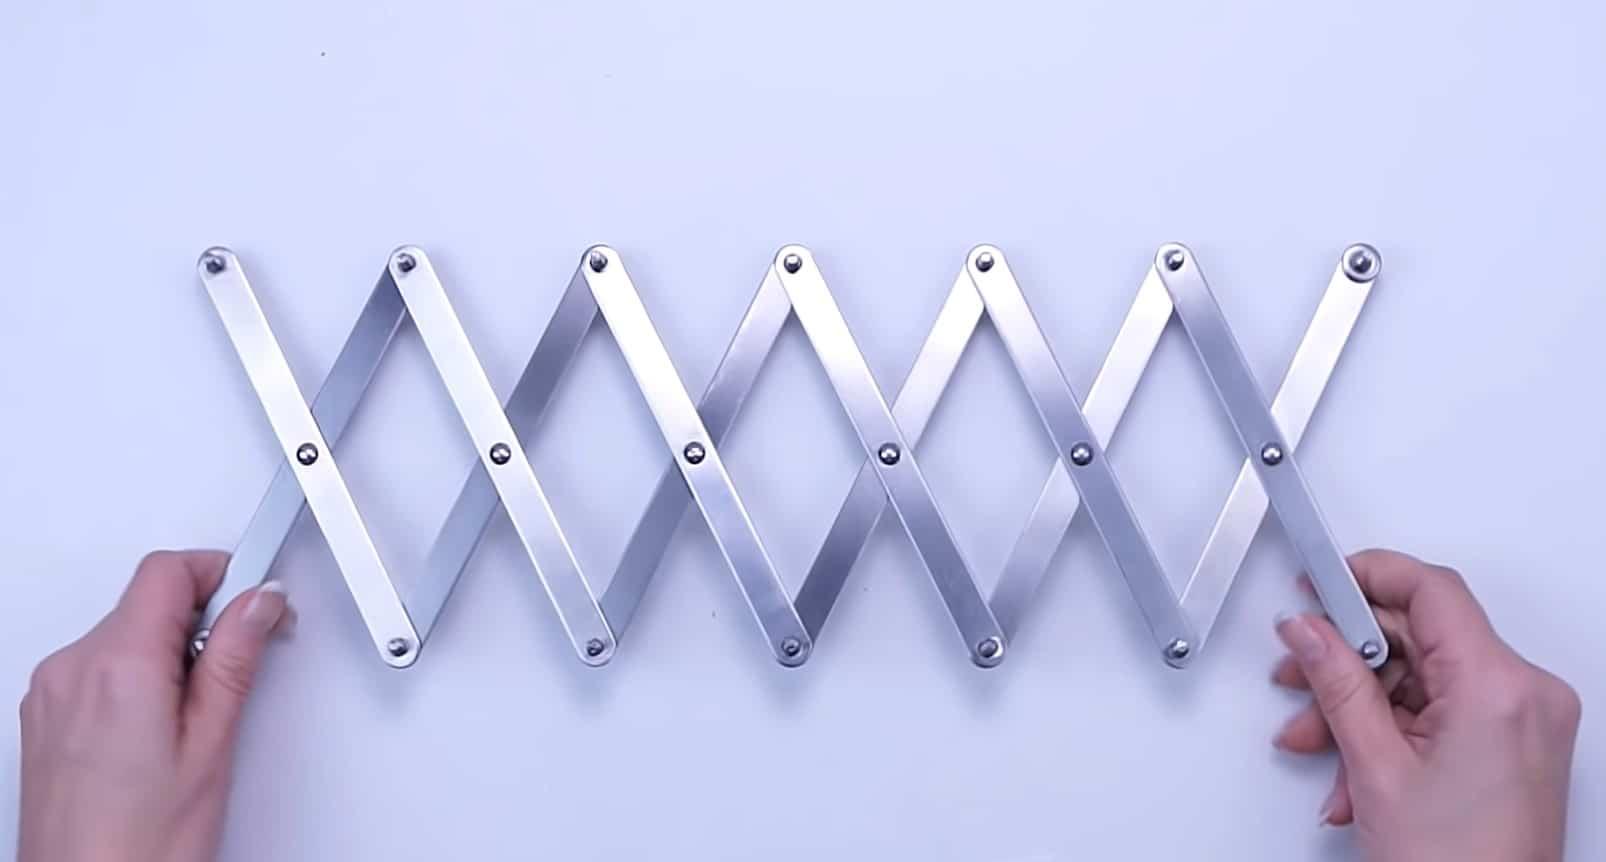 Ikea Hack Perfekte Abstande Bei Knopflochern Einfach Nahen Premium Inspiration